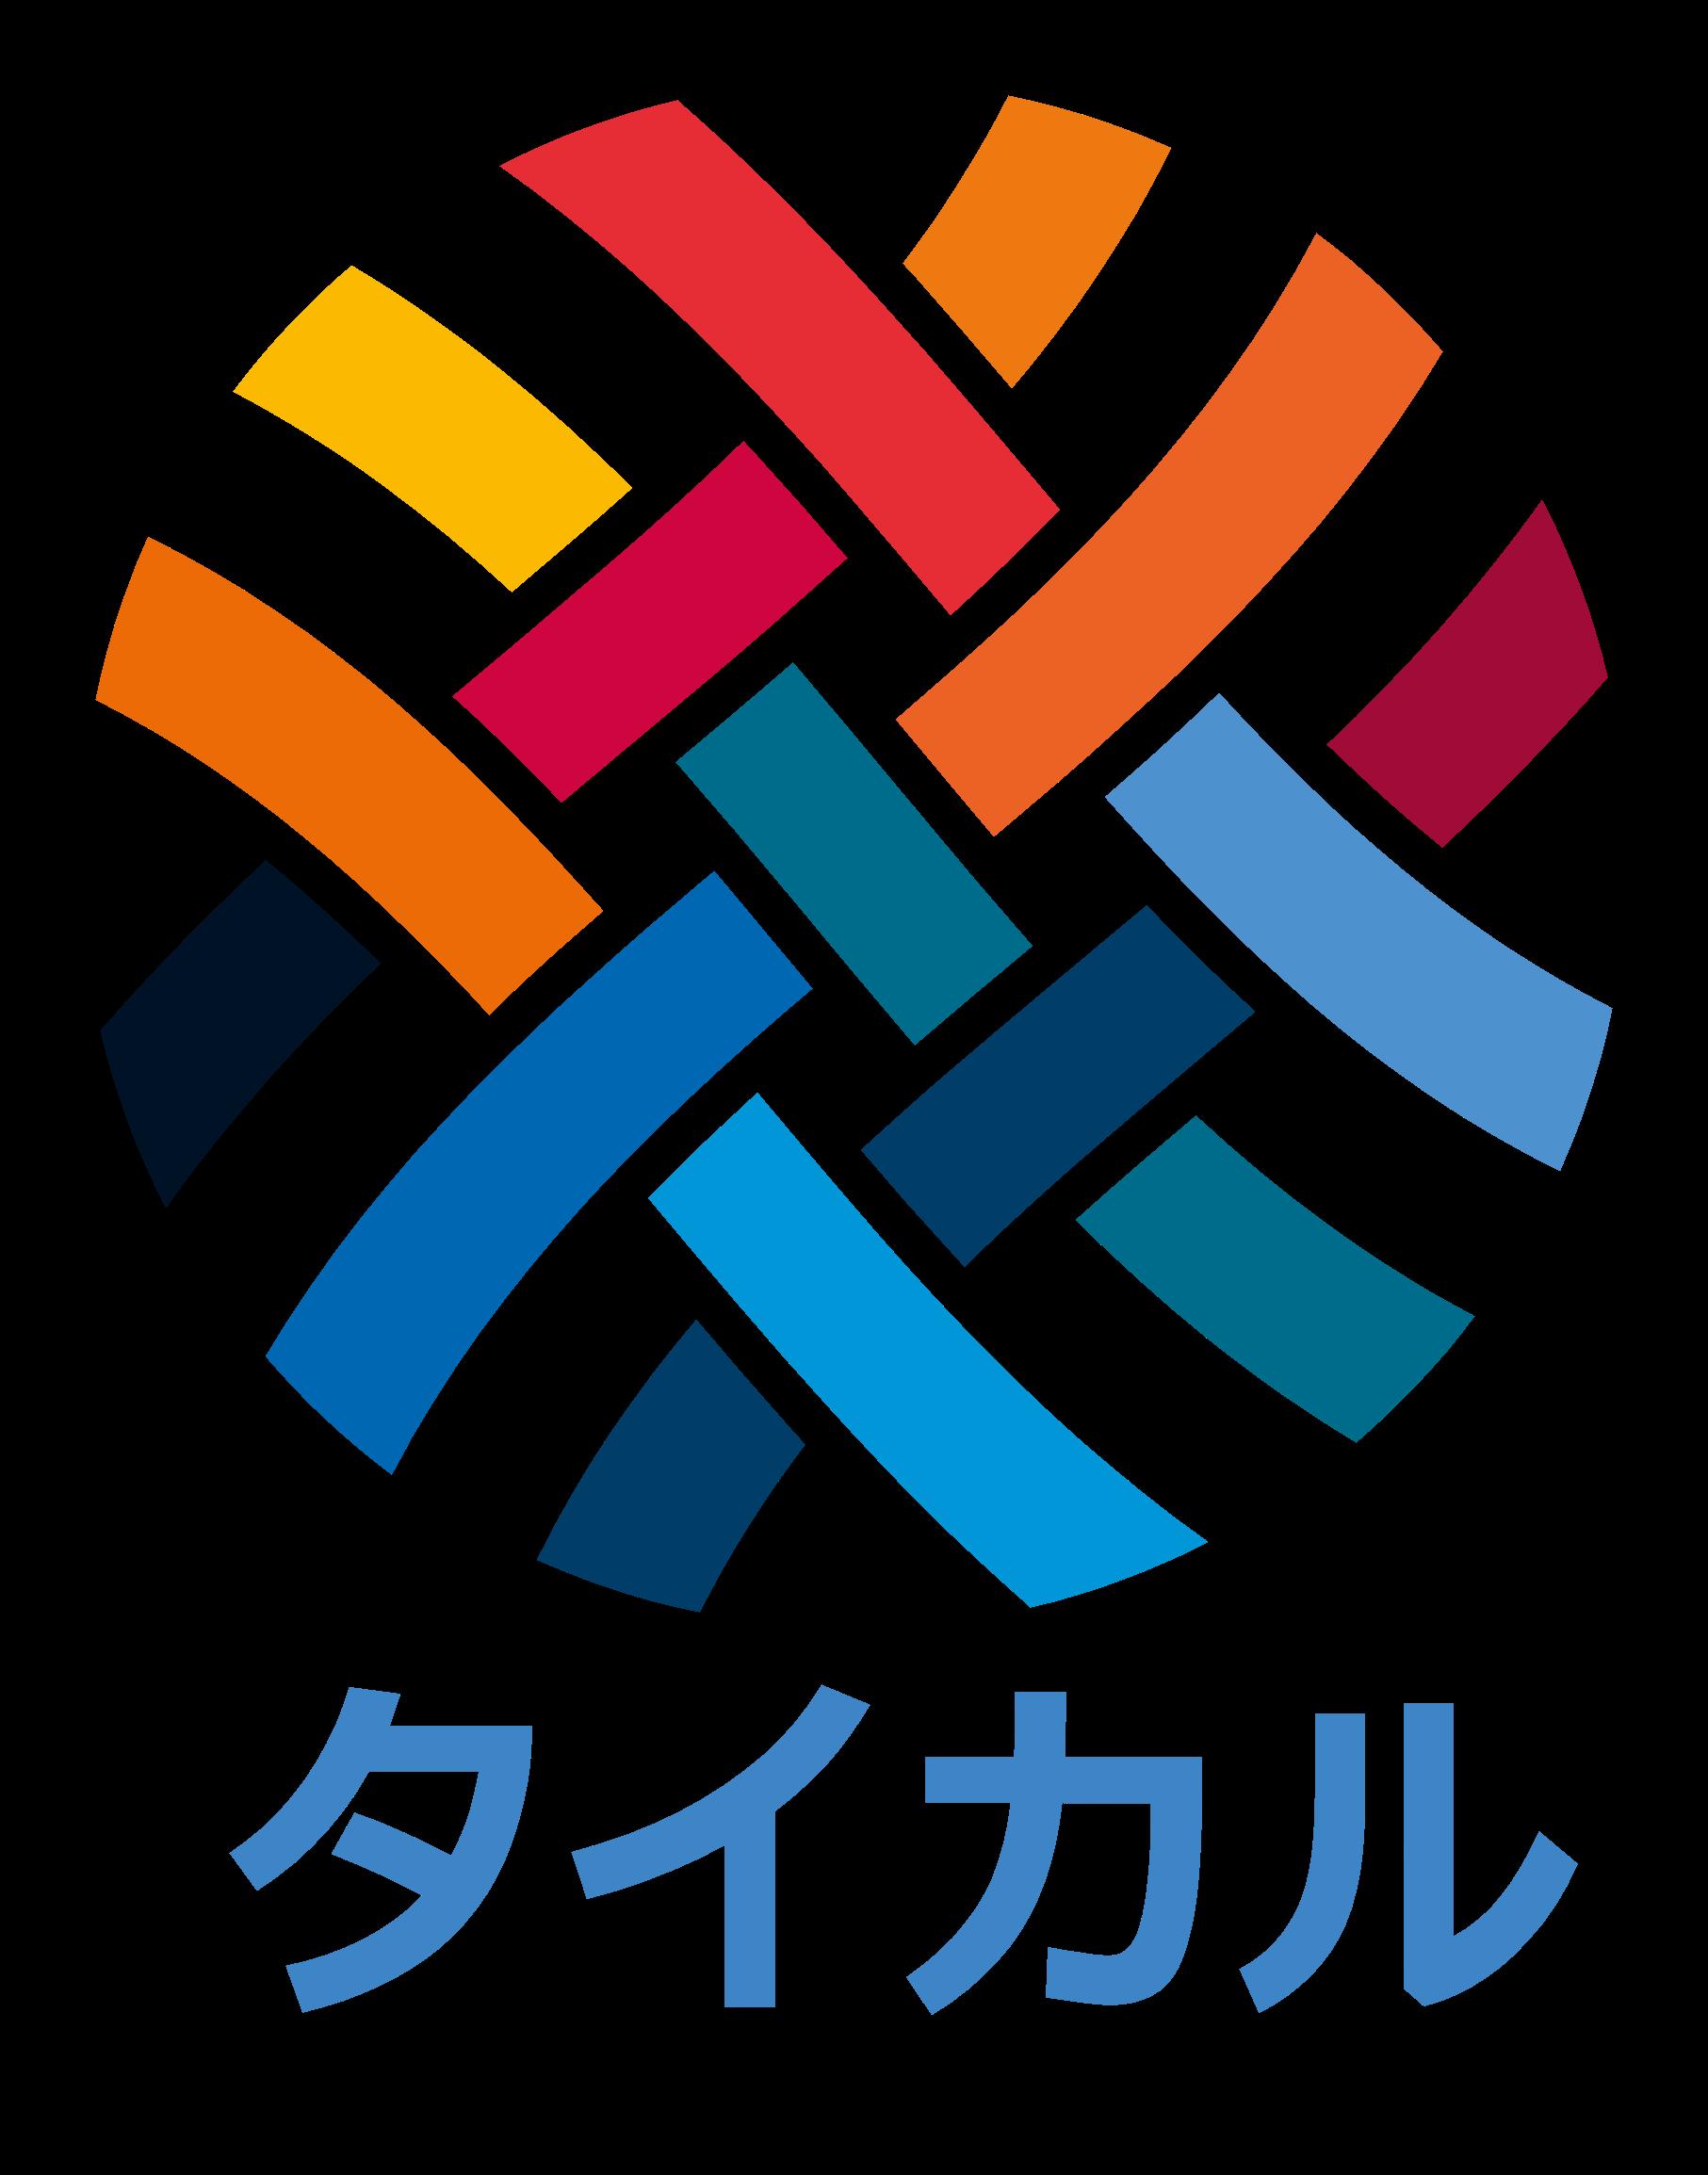 タイカル -大会管理の無料WEBサービス-